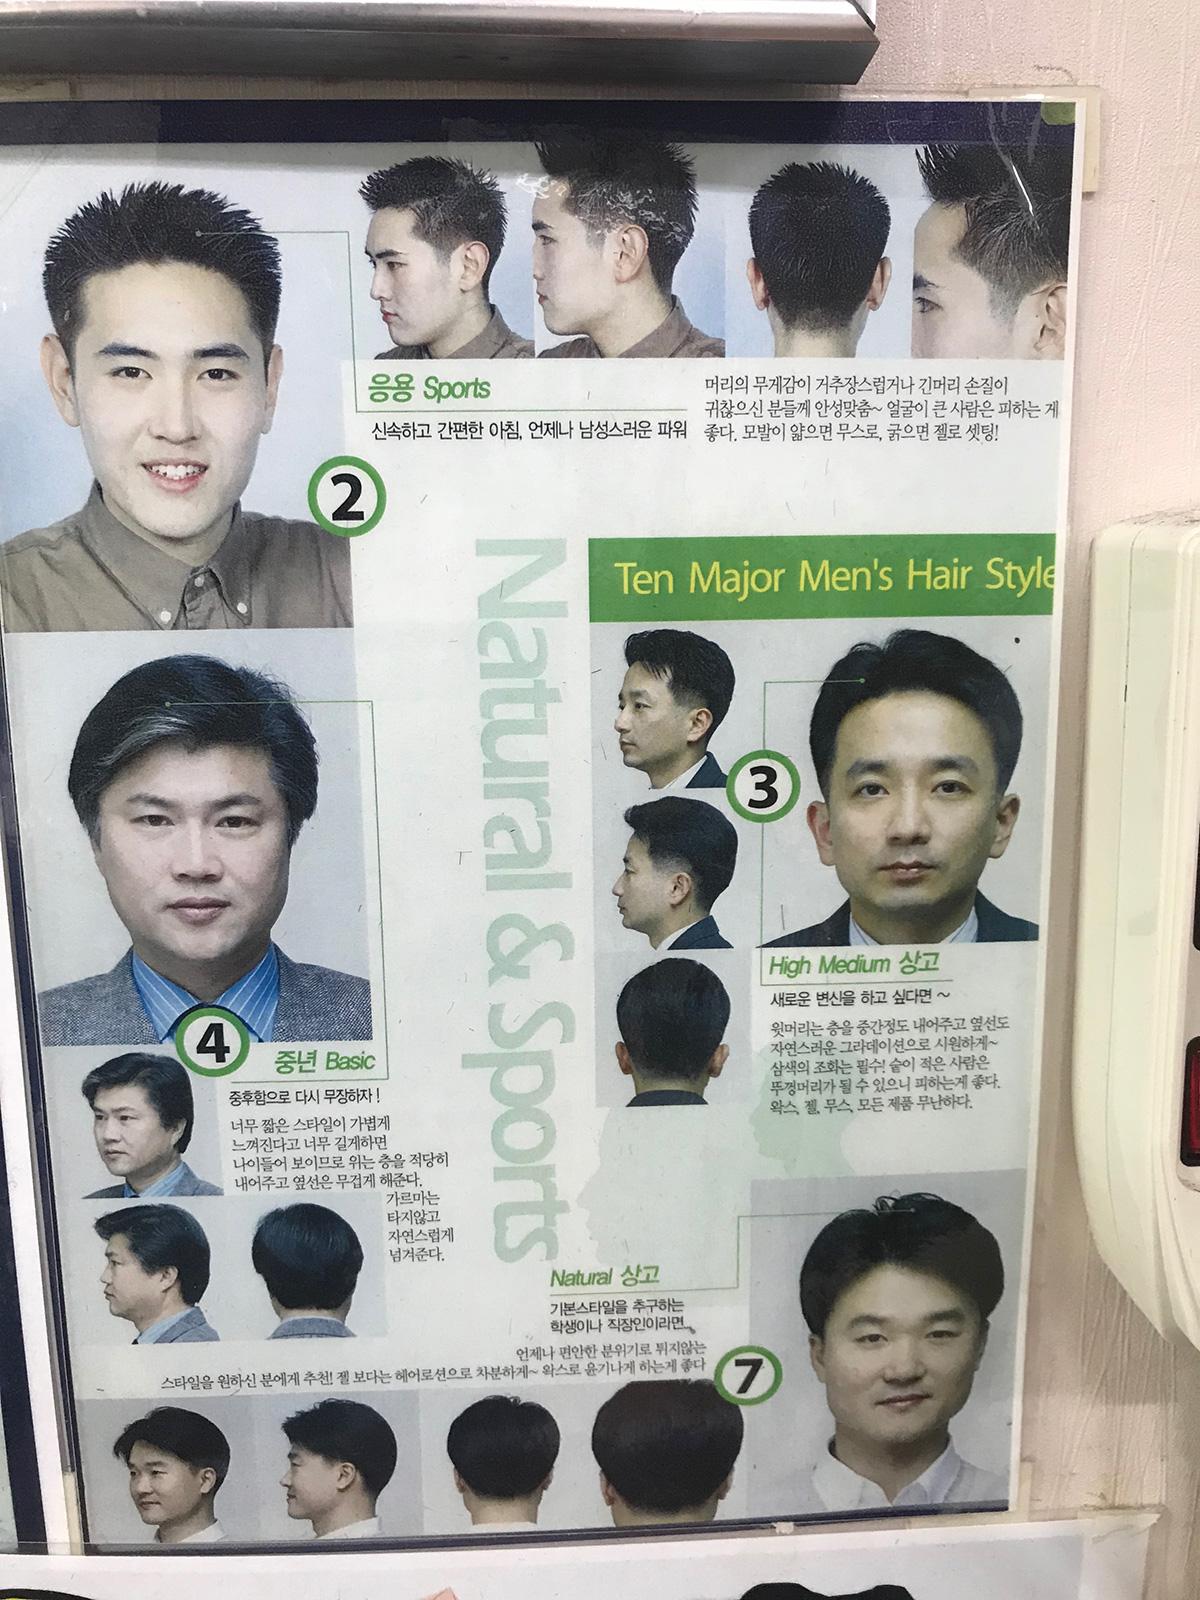 Les 10 coupes de cheveux disponibles en Corée du Sud.